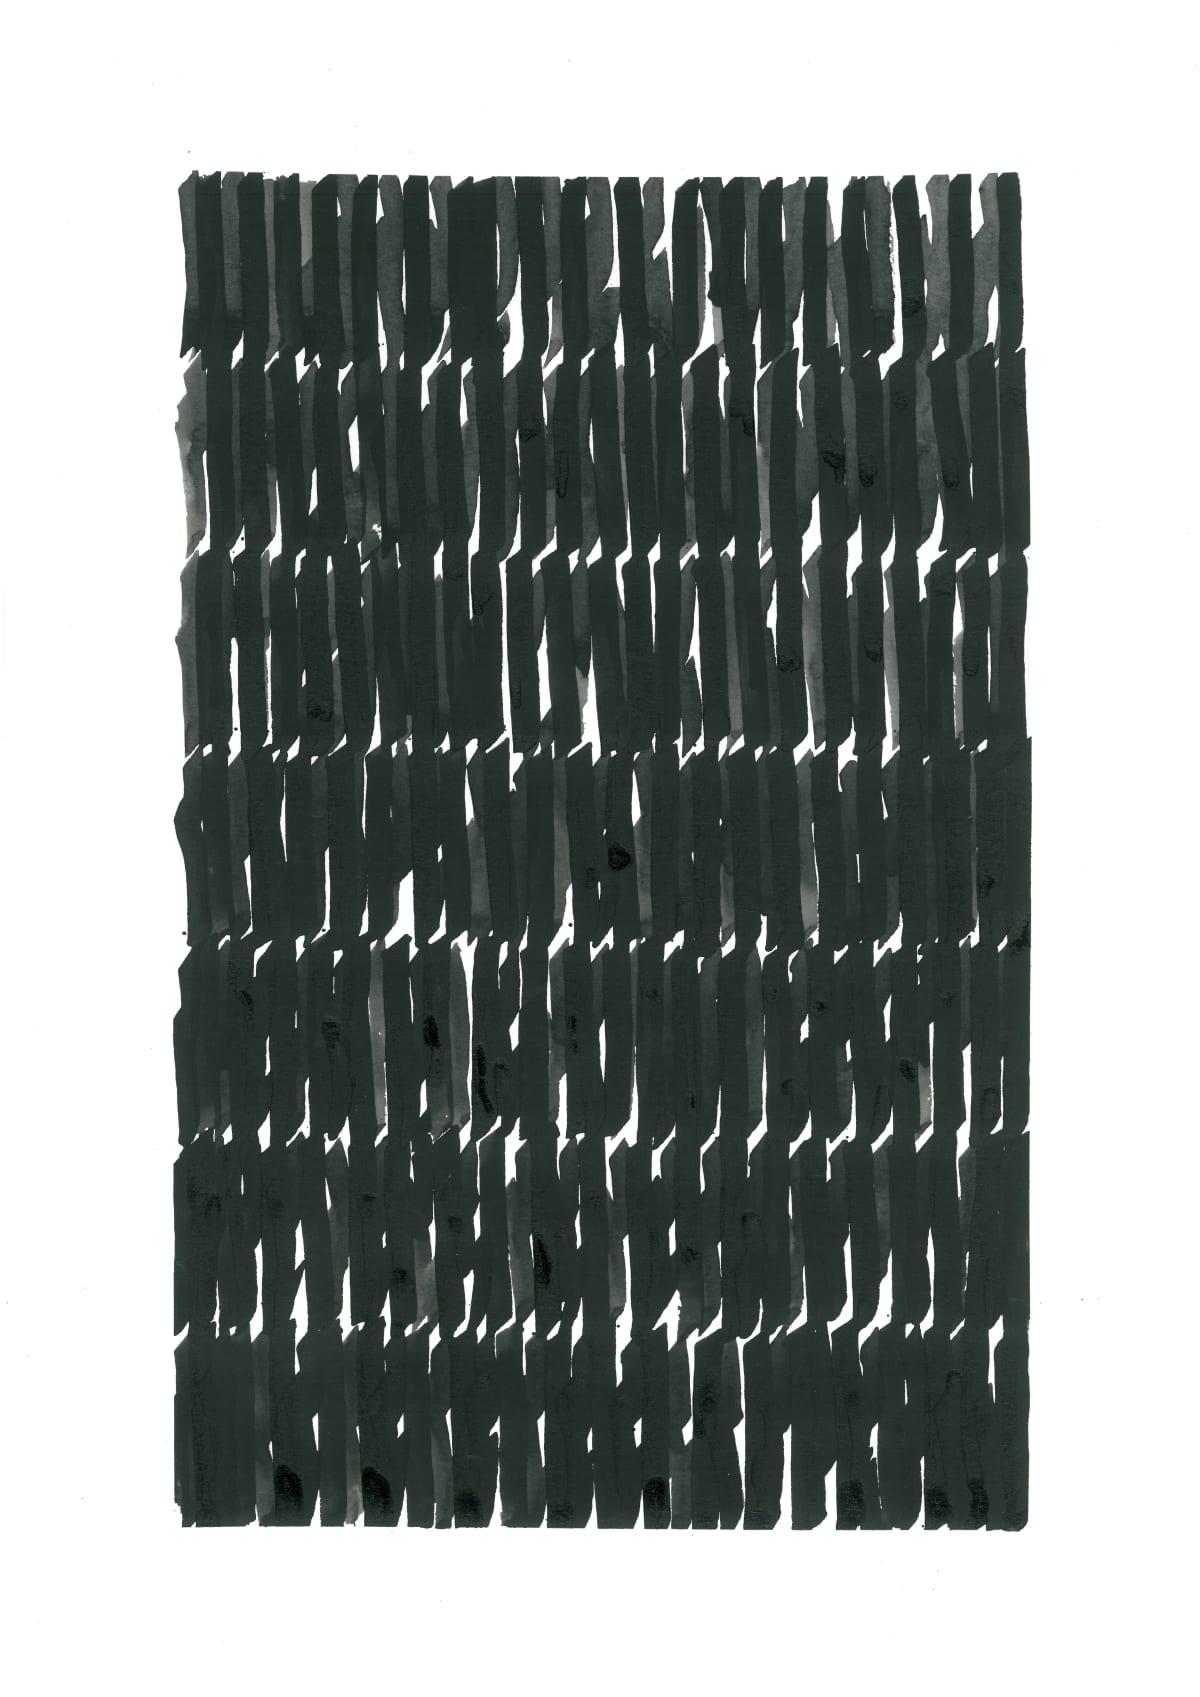 Mohammad Ali Talpur b. 1976Untitled (9), 2020 Ink on paper 42 x 29 cm 16 1/2 x 11 7/16 in